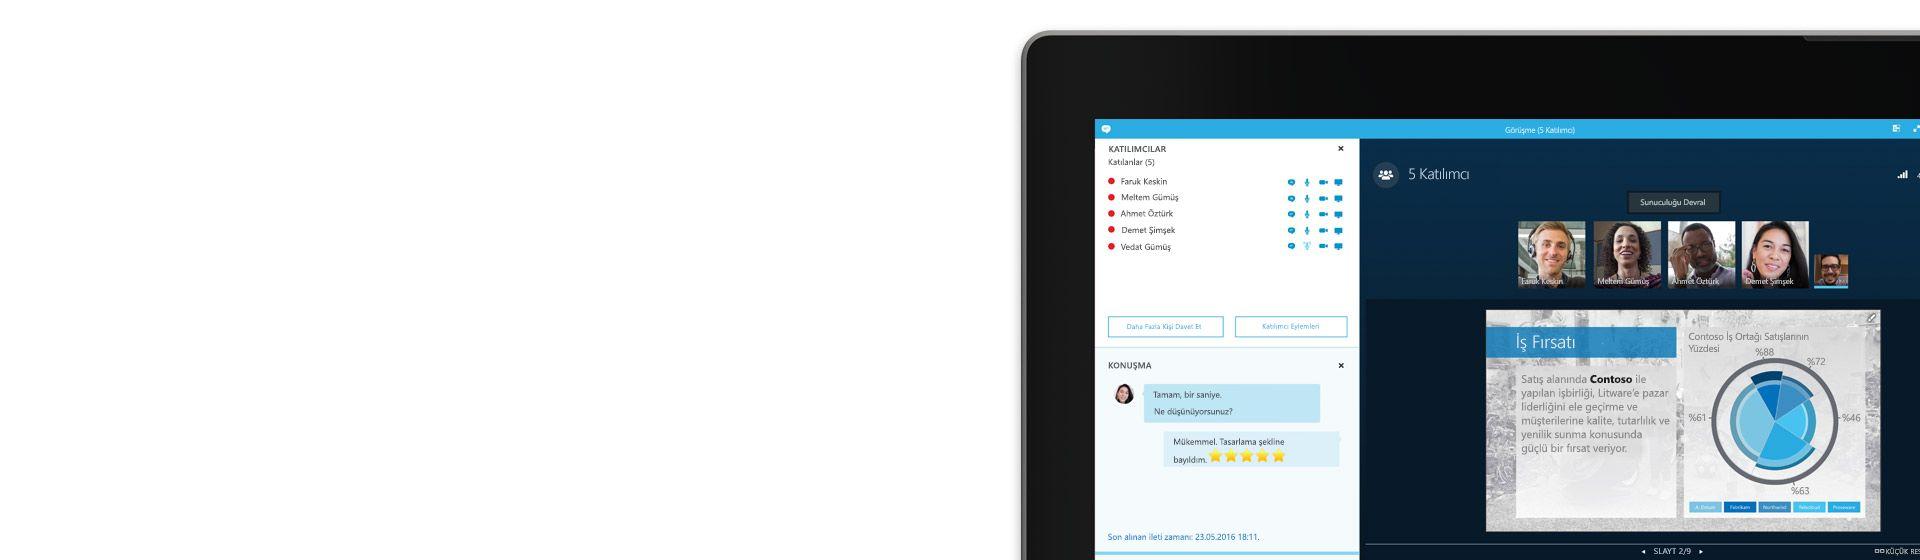 Skype Kurumsal'daki bir çevrimiçi toplantıyı ve katılımcı listesini gösteren bir bilgisayar ekranının köşesi